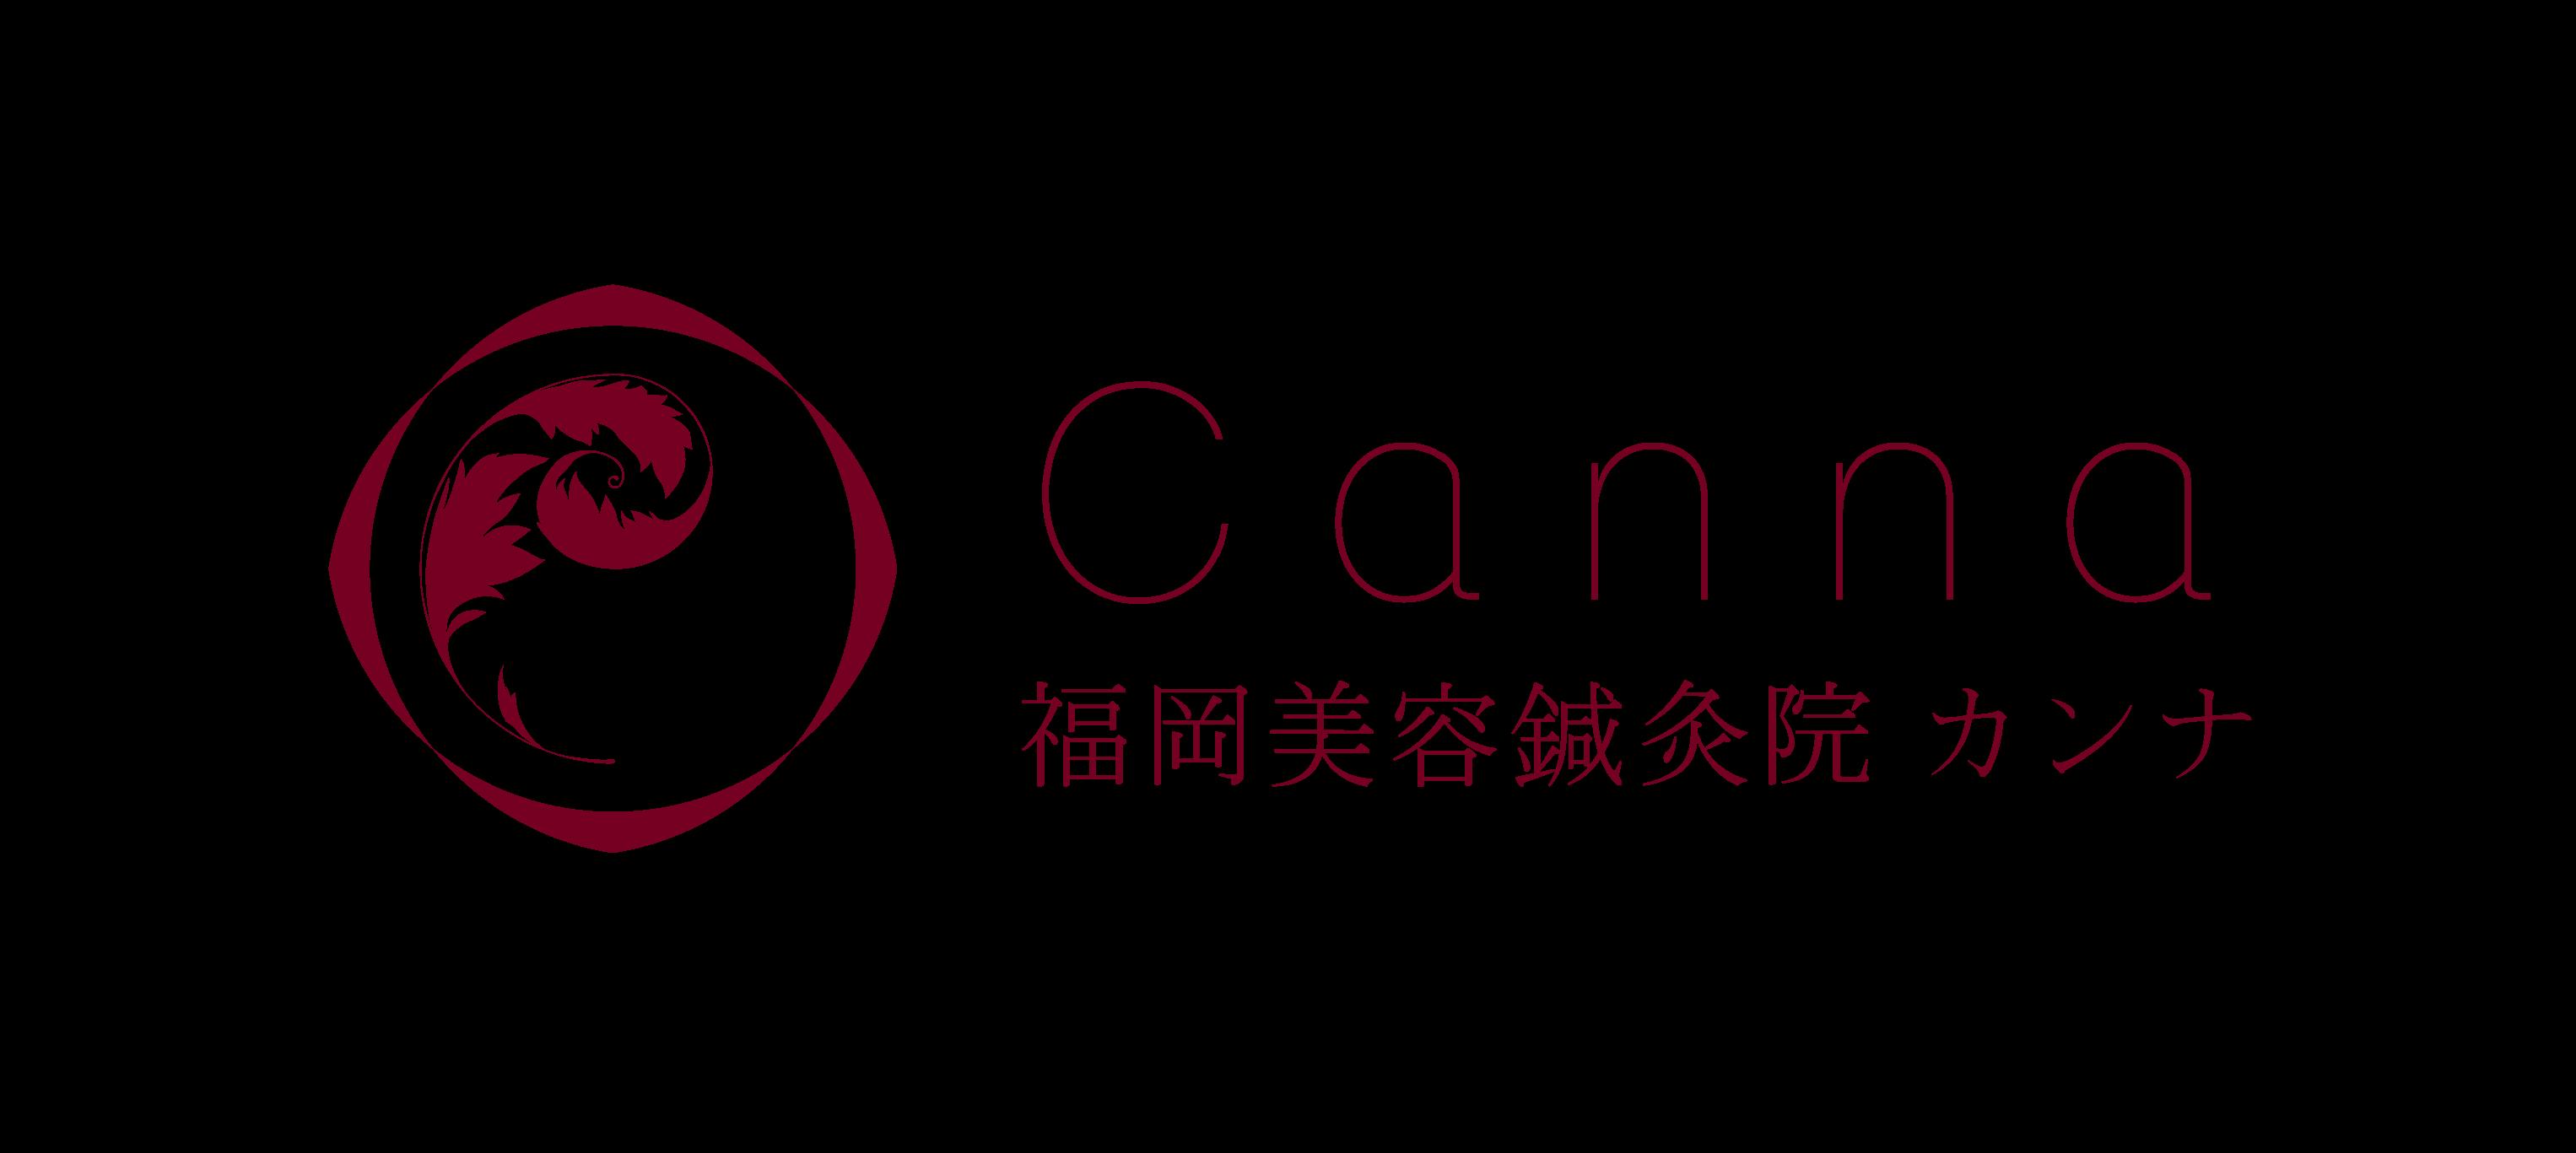 福岡市の美容鍼灸サロンCanna-カンナ-